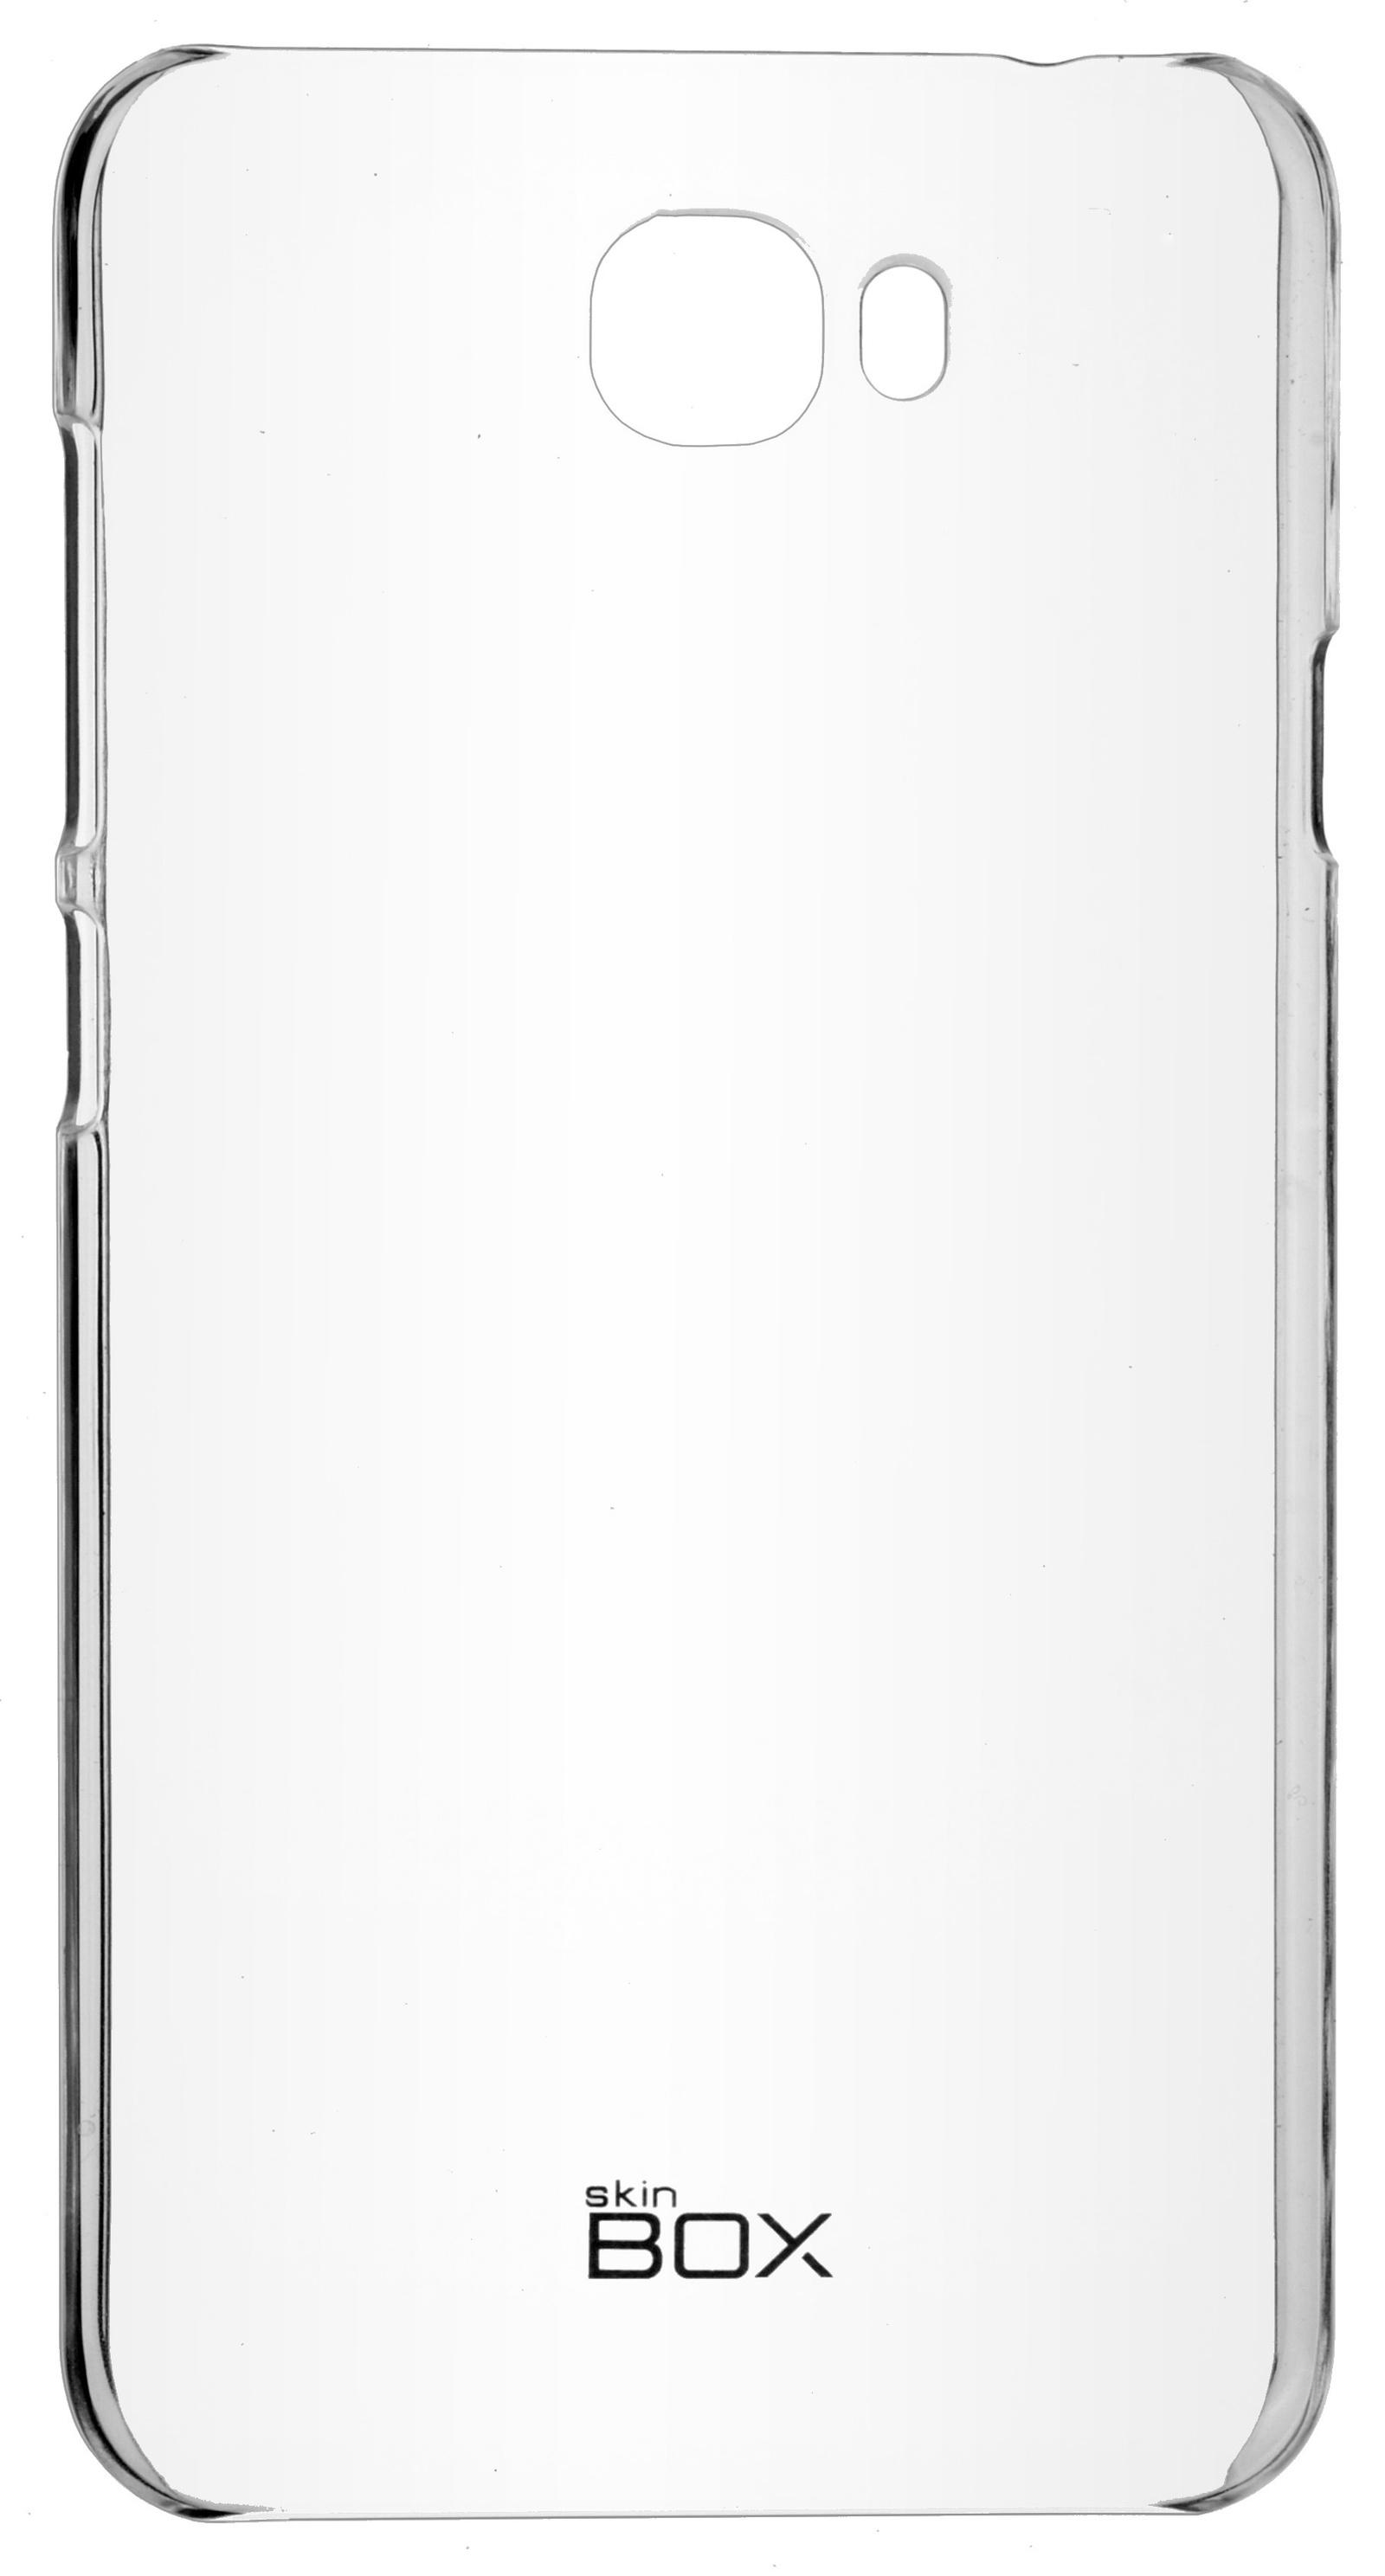 Чехол для сотового телефона skinBOX Crystal, 4630042524644, прозрачный чехол для сотового телефона skinbox crystal 4630042524620 прозрачный